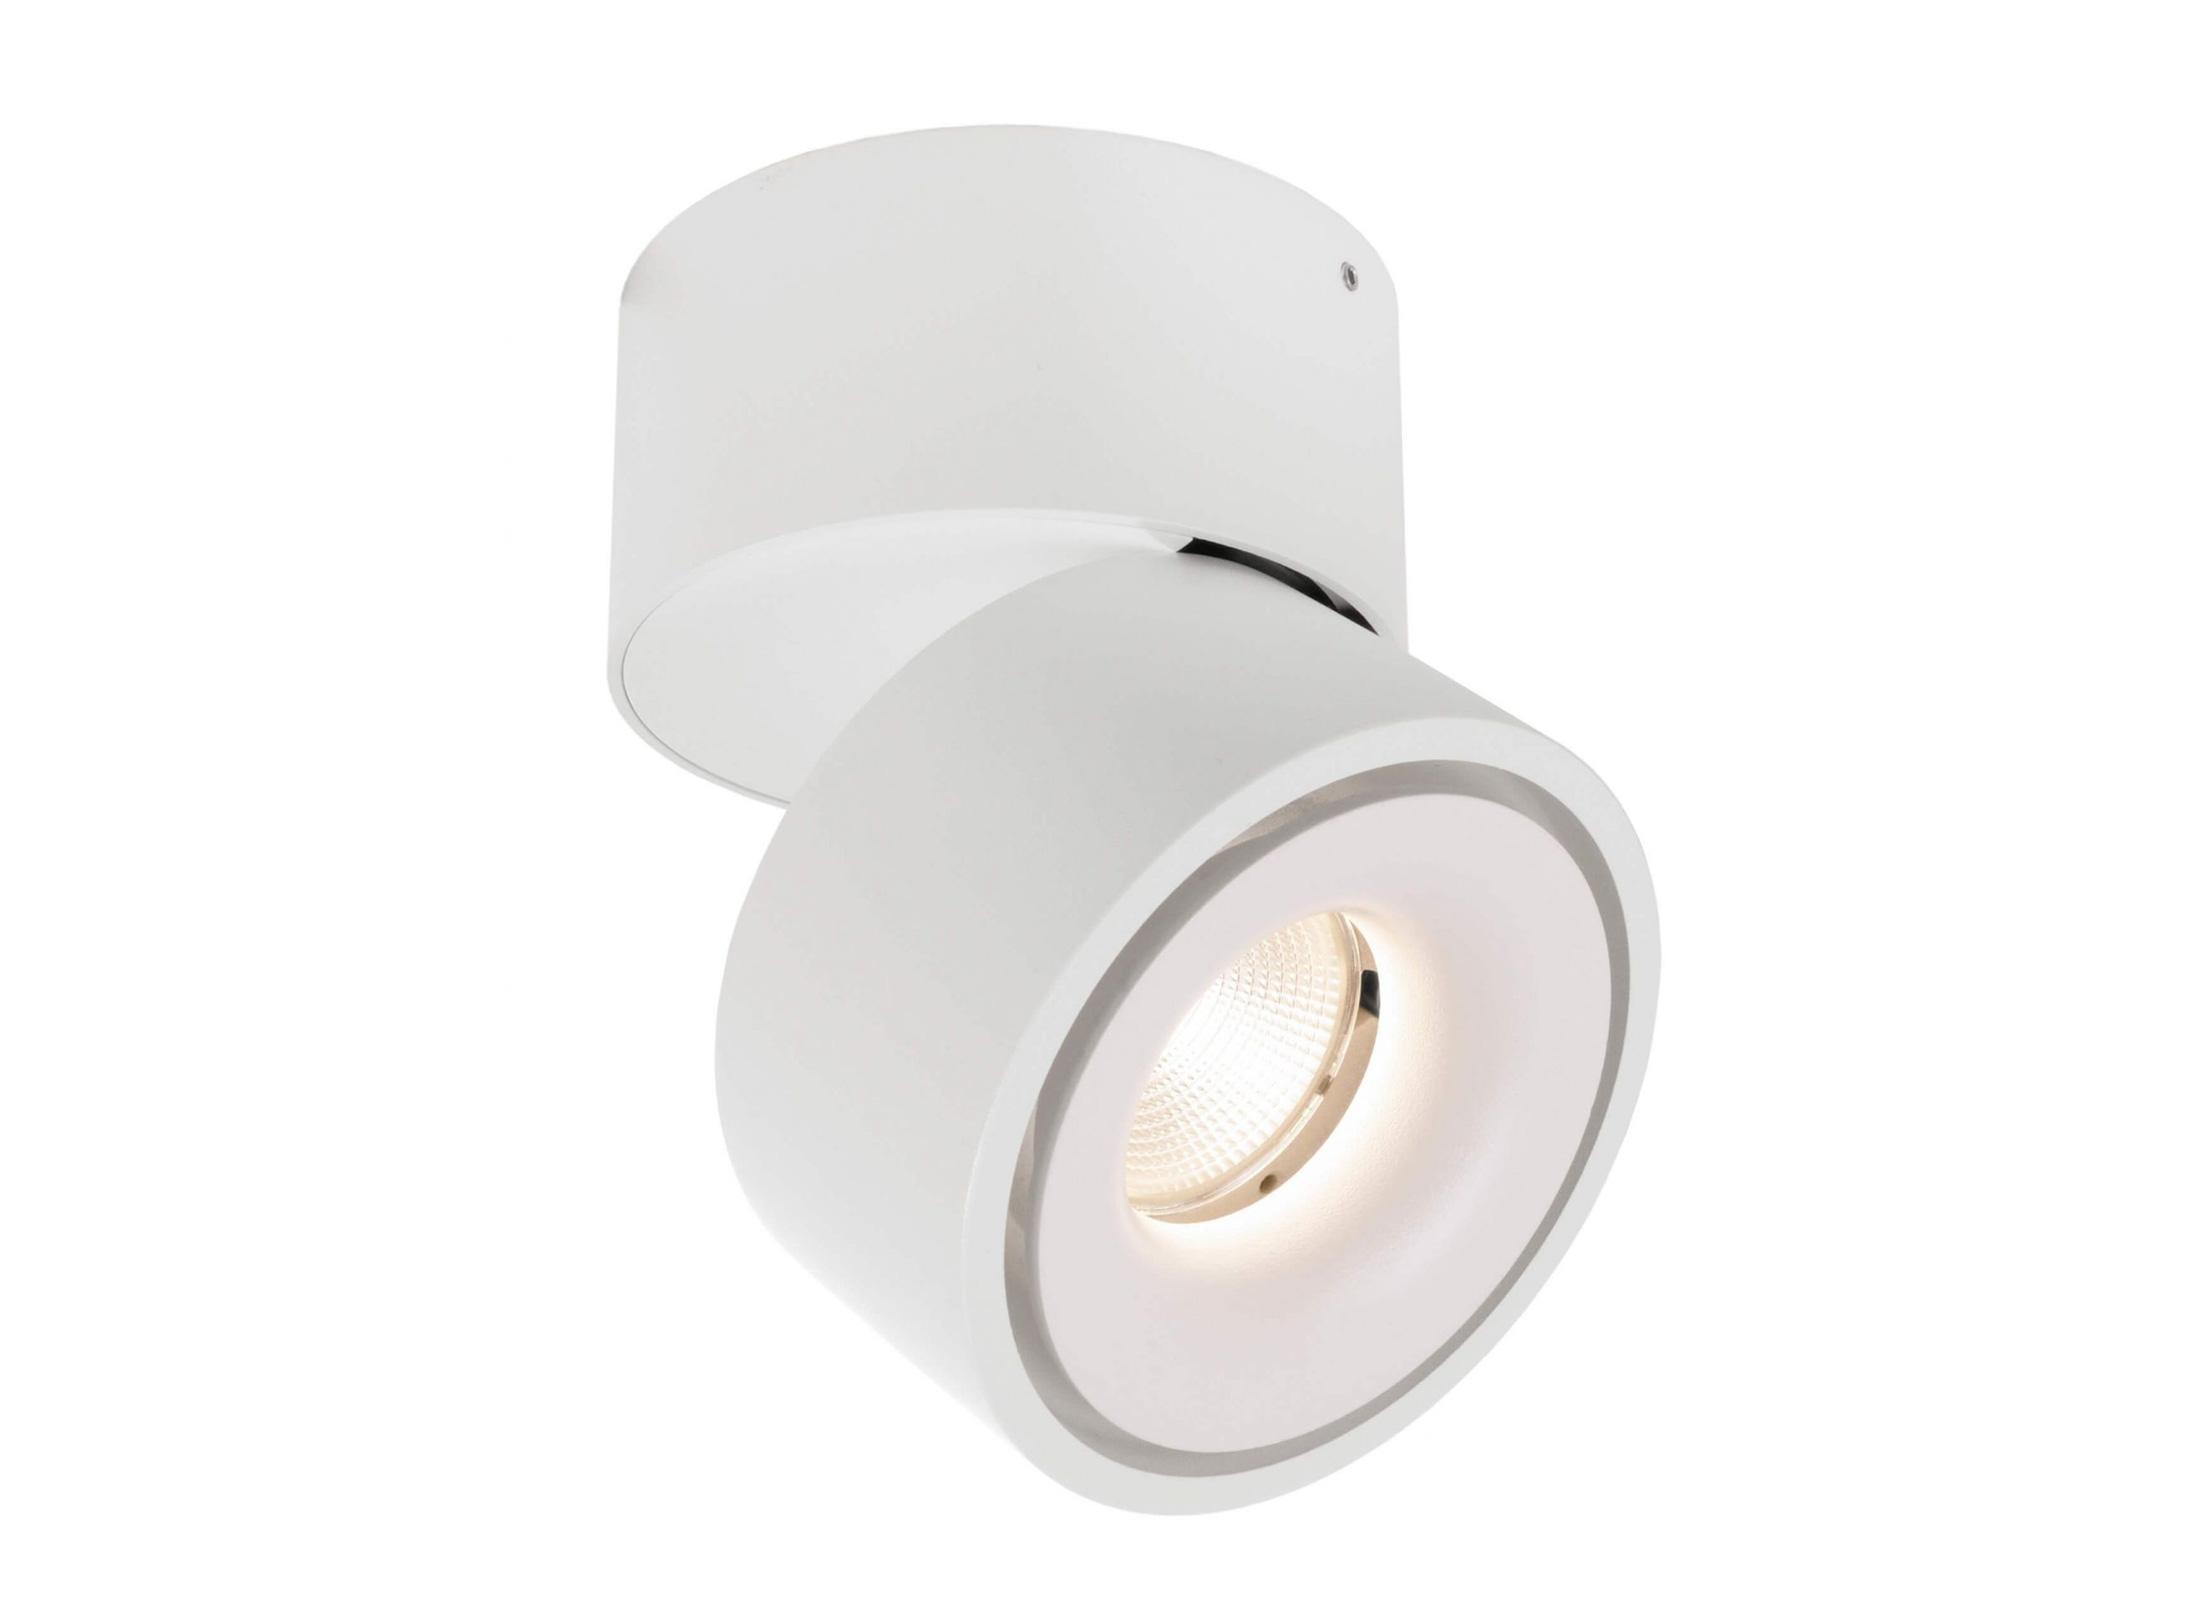 Deko Light Uni II LED Deckenaufbauleuchte, WW, 20K, 20x 20W LED, 20°,  20lm, inkl. Leuchtmittel